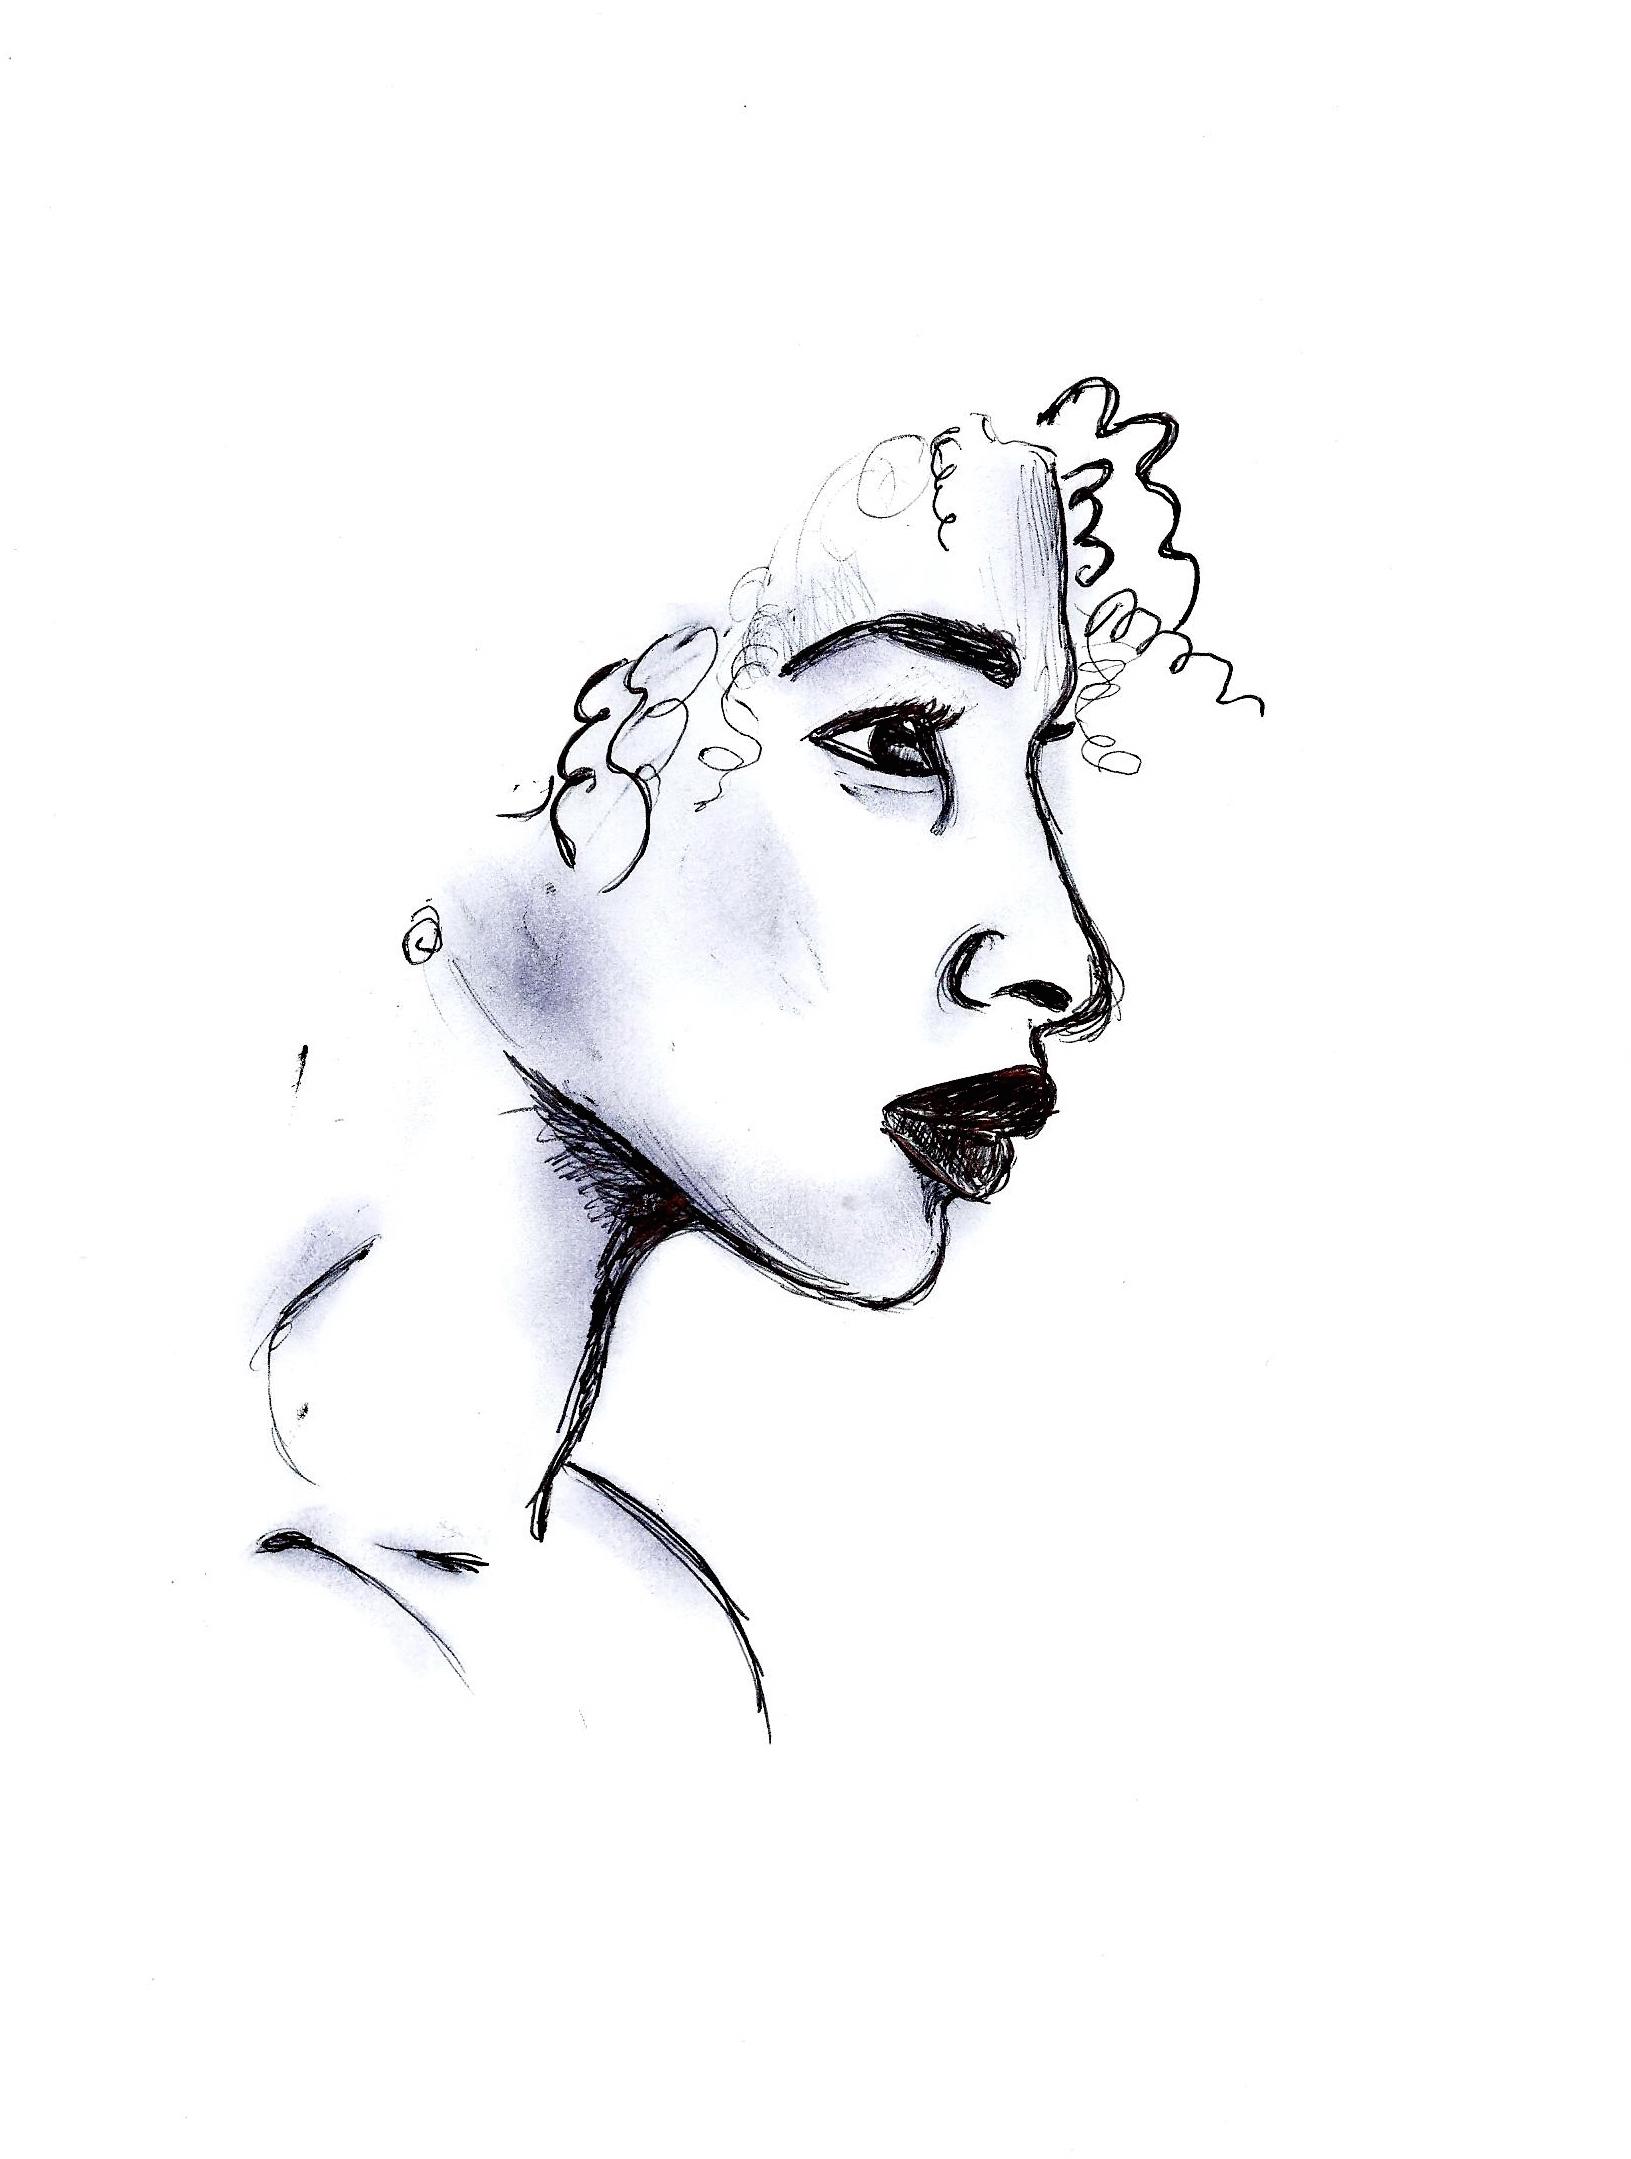 Sketch 2, 2015